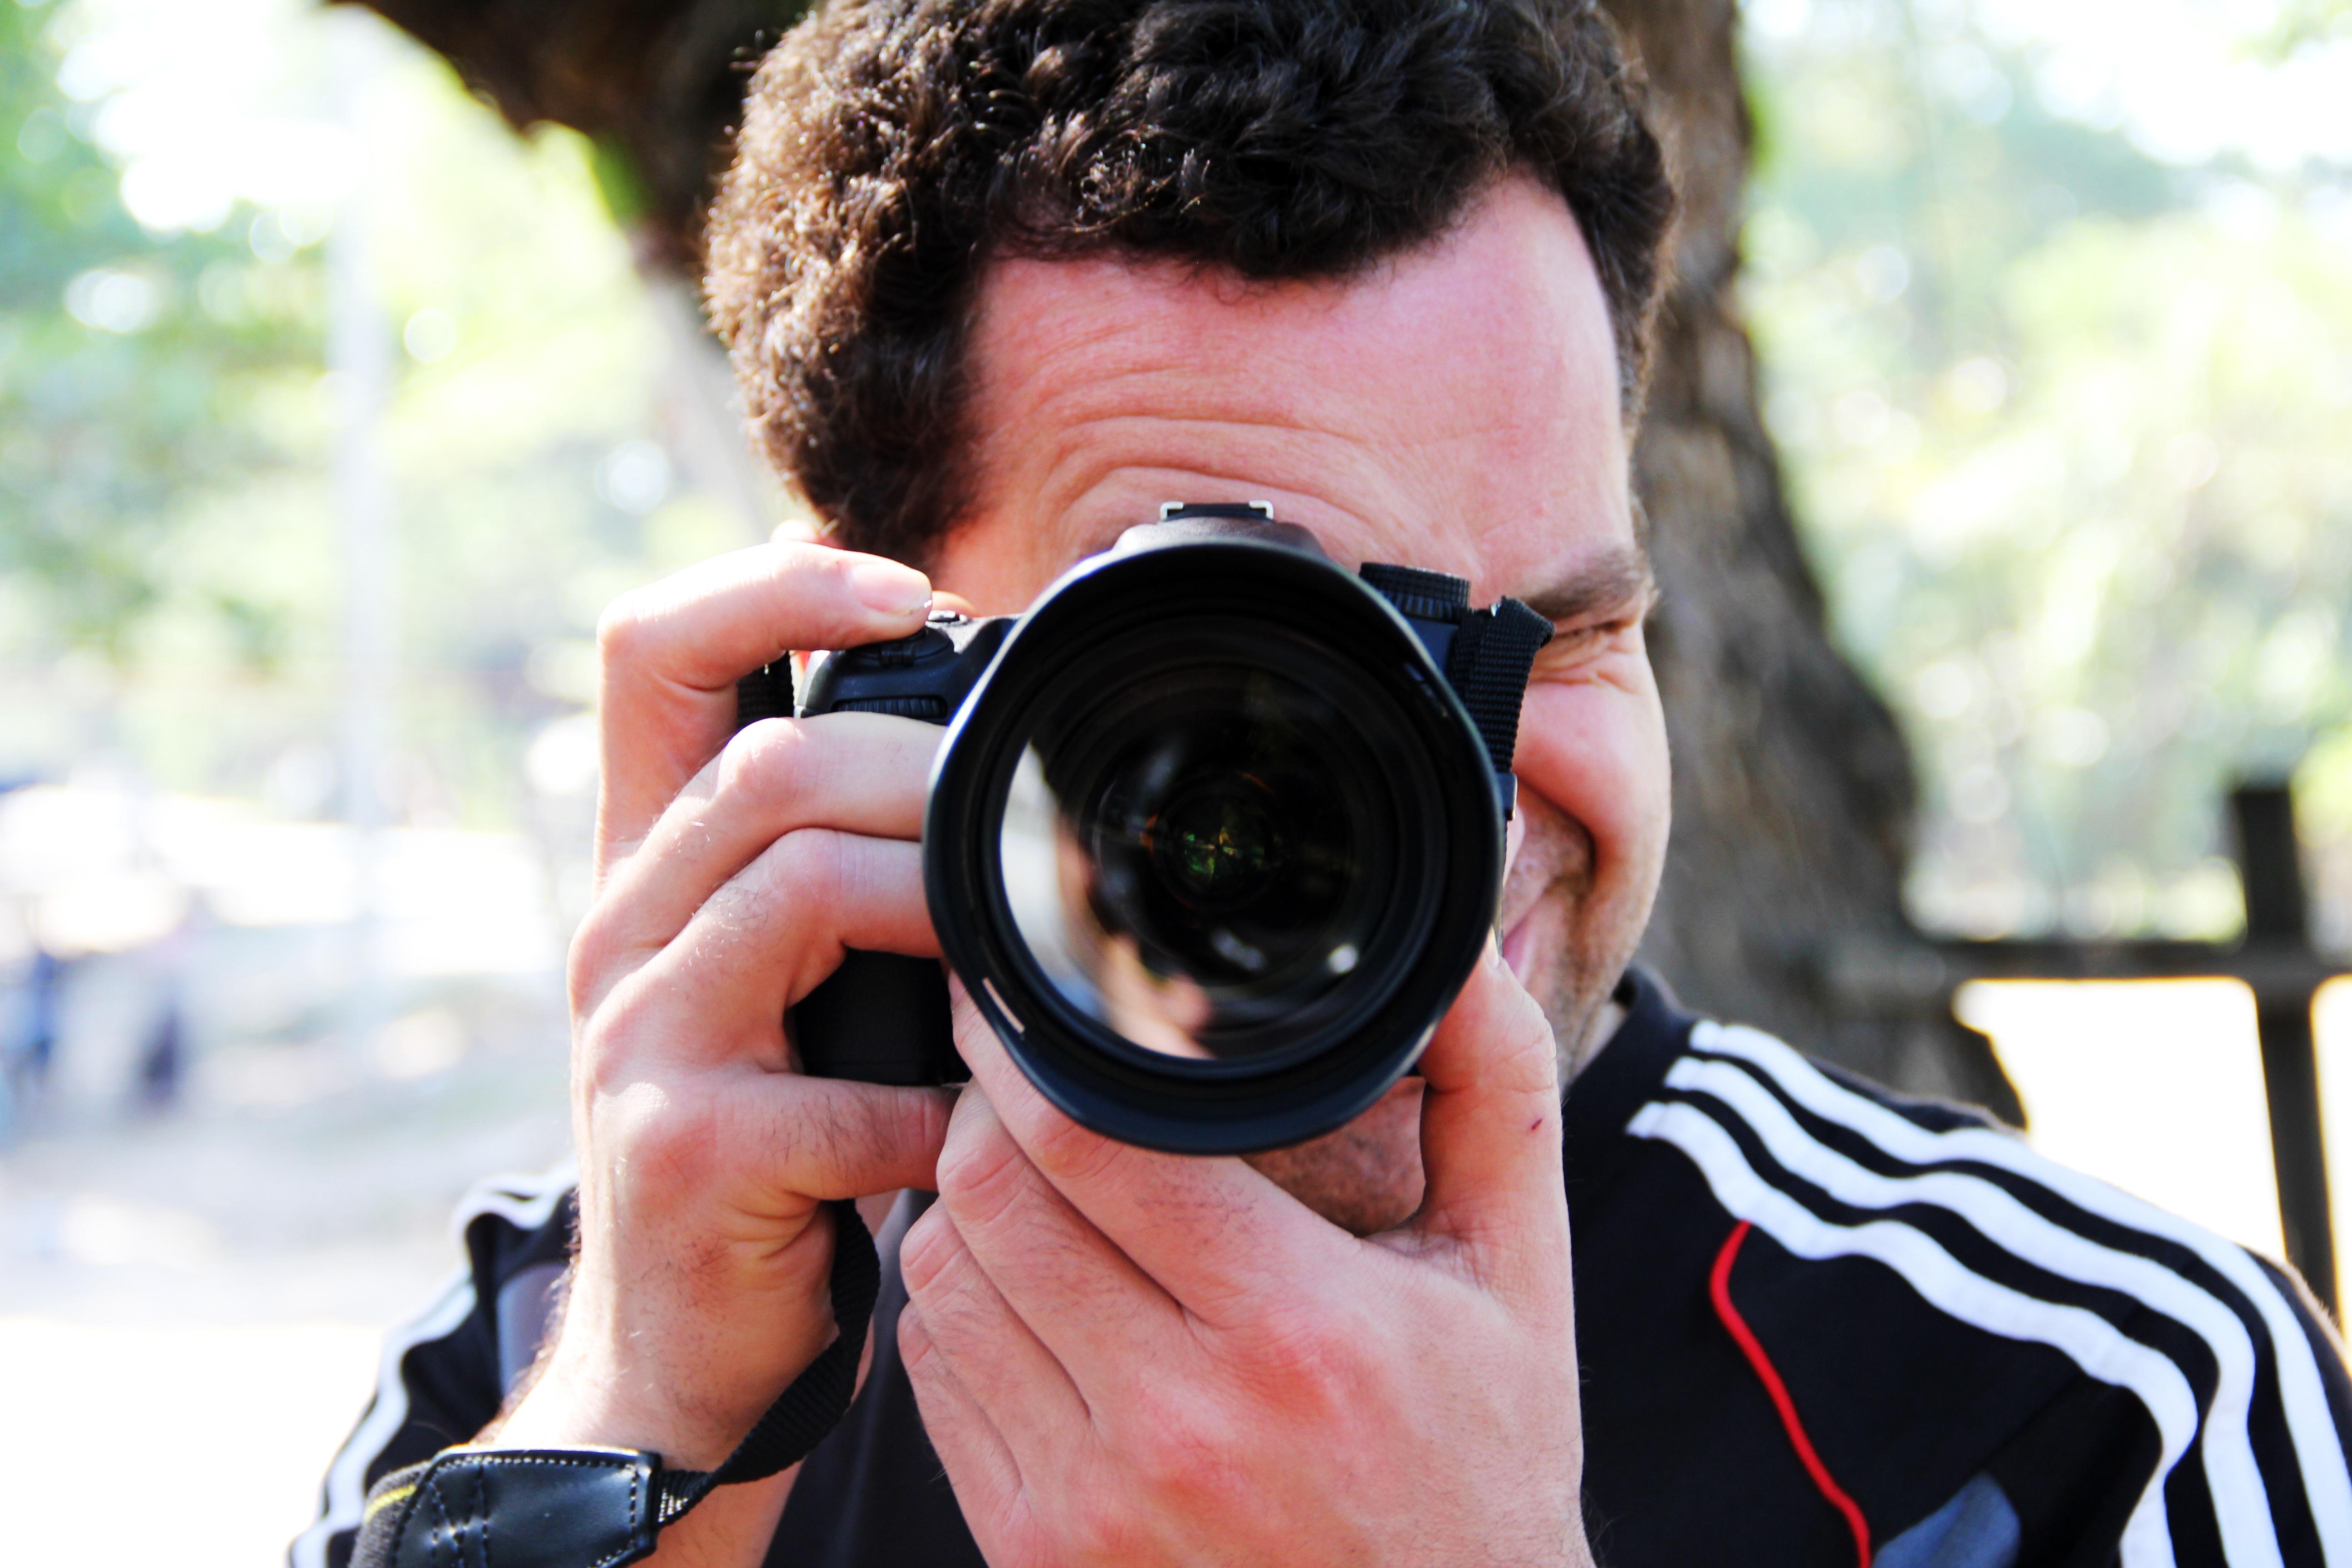 статье представлен сколько берут фотографы за фотку исследования свидетельствуют раннем